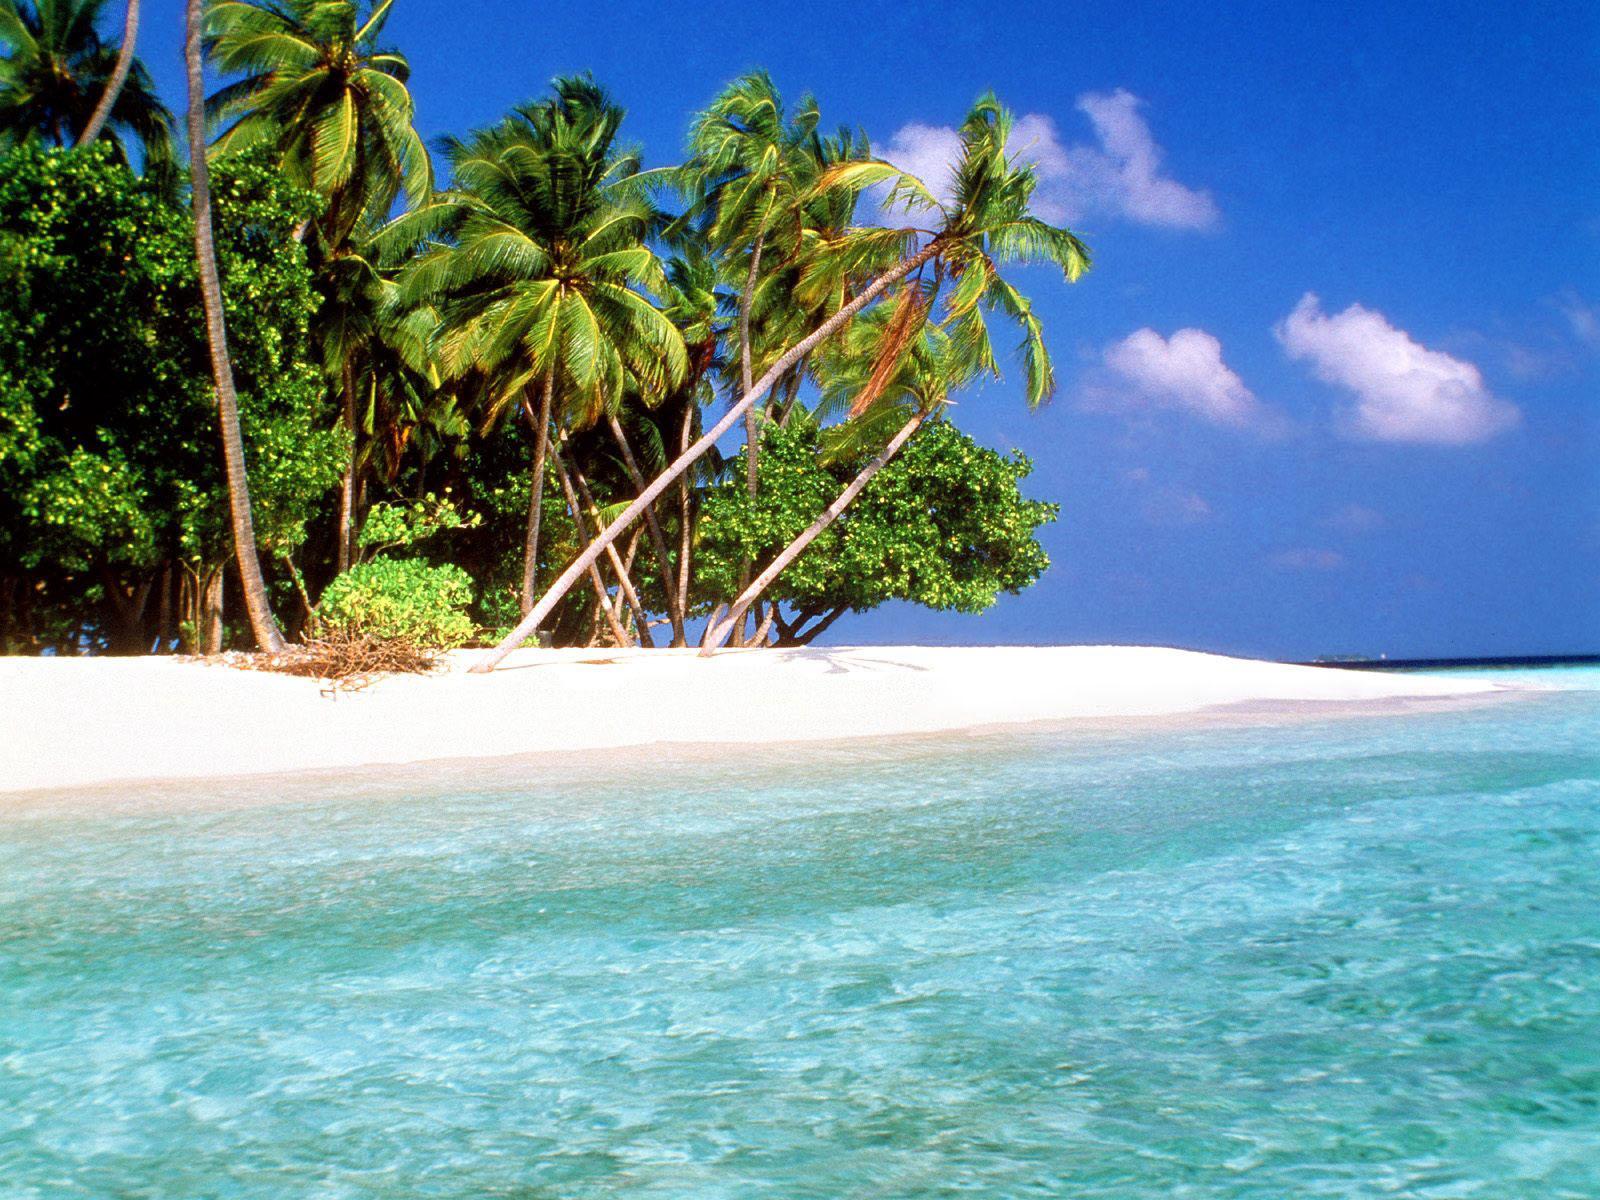 Exotic Islands   Maldives Hd Wallpaper 1600x1200